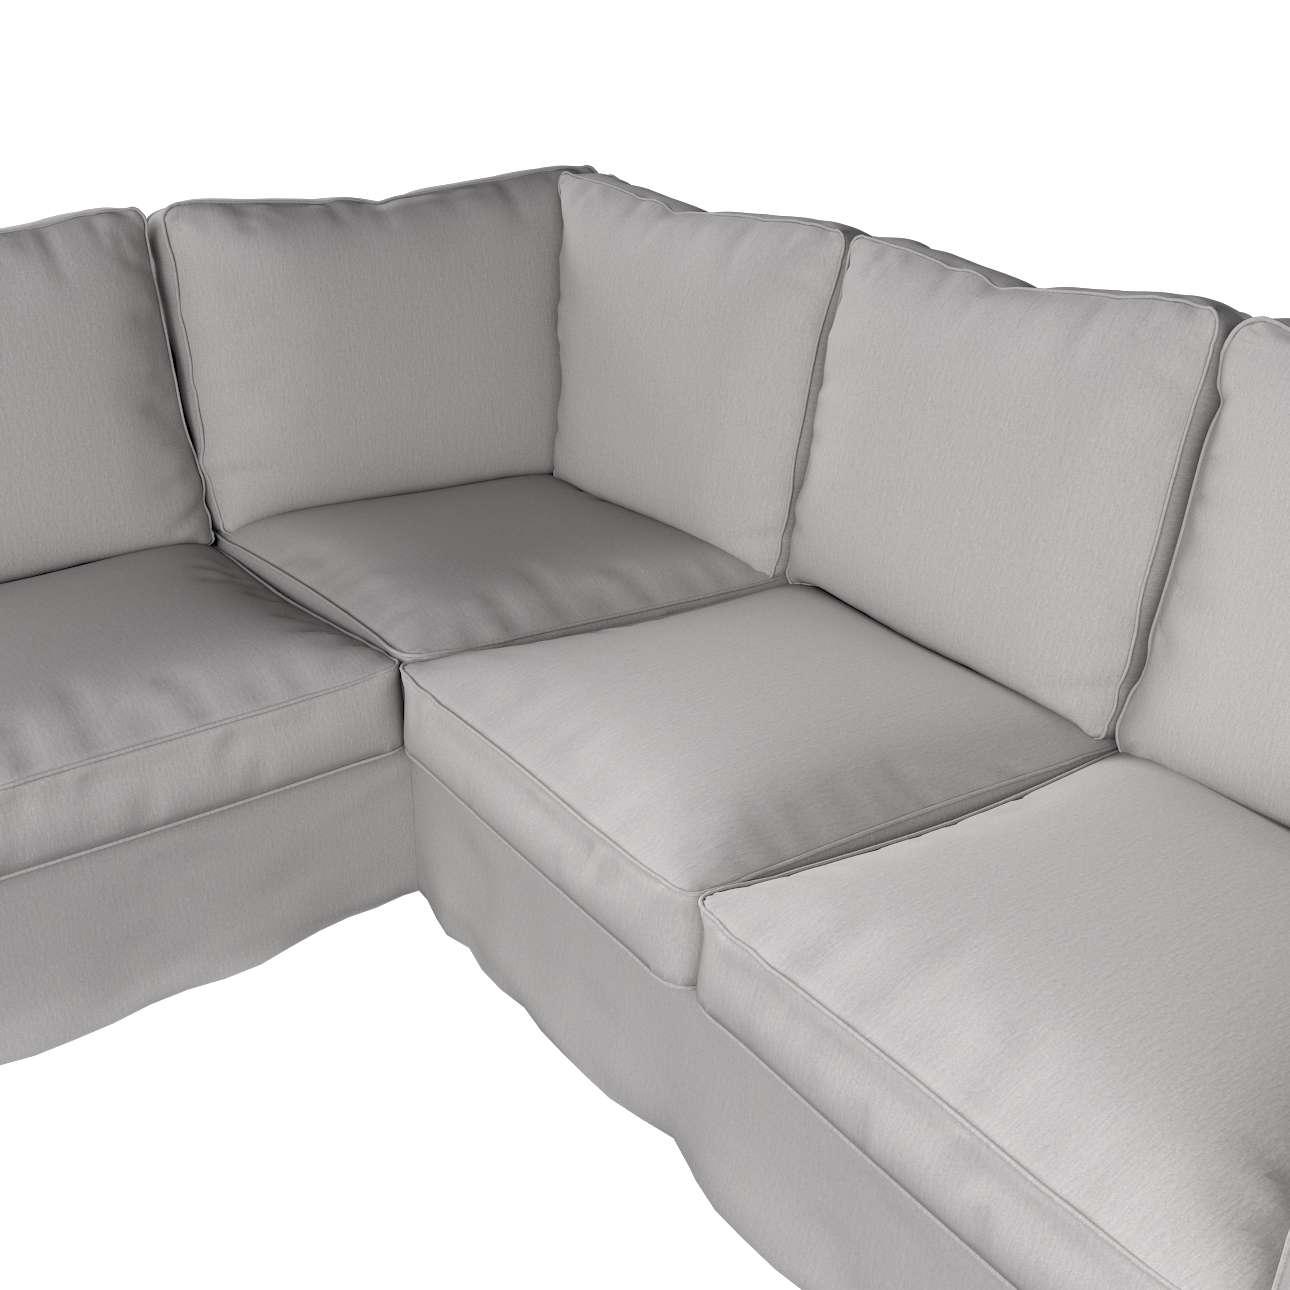 Pokrowiec na sofę narożną Ektorp w kolekcji Chenille, tkanina: 702-23